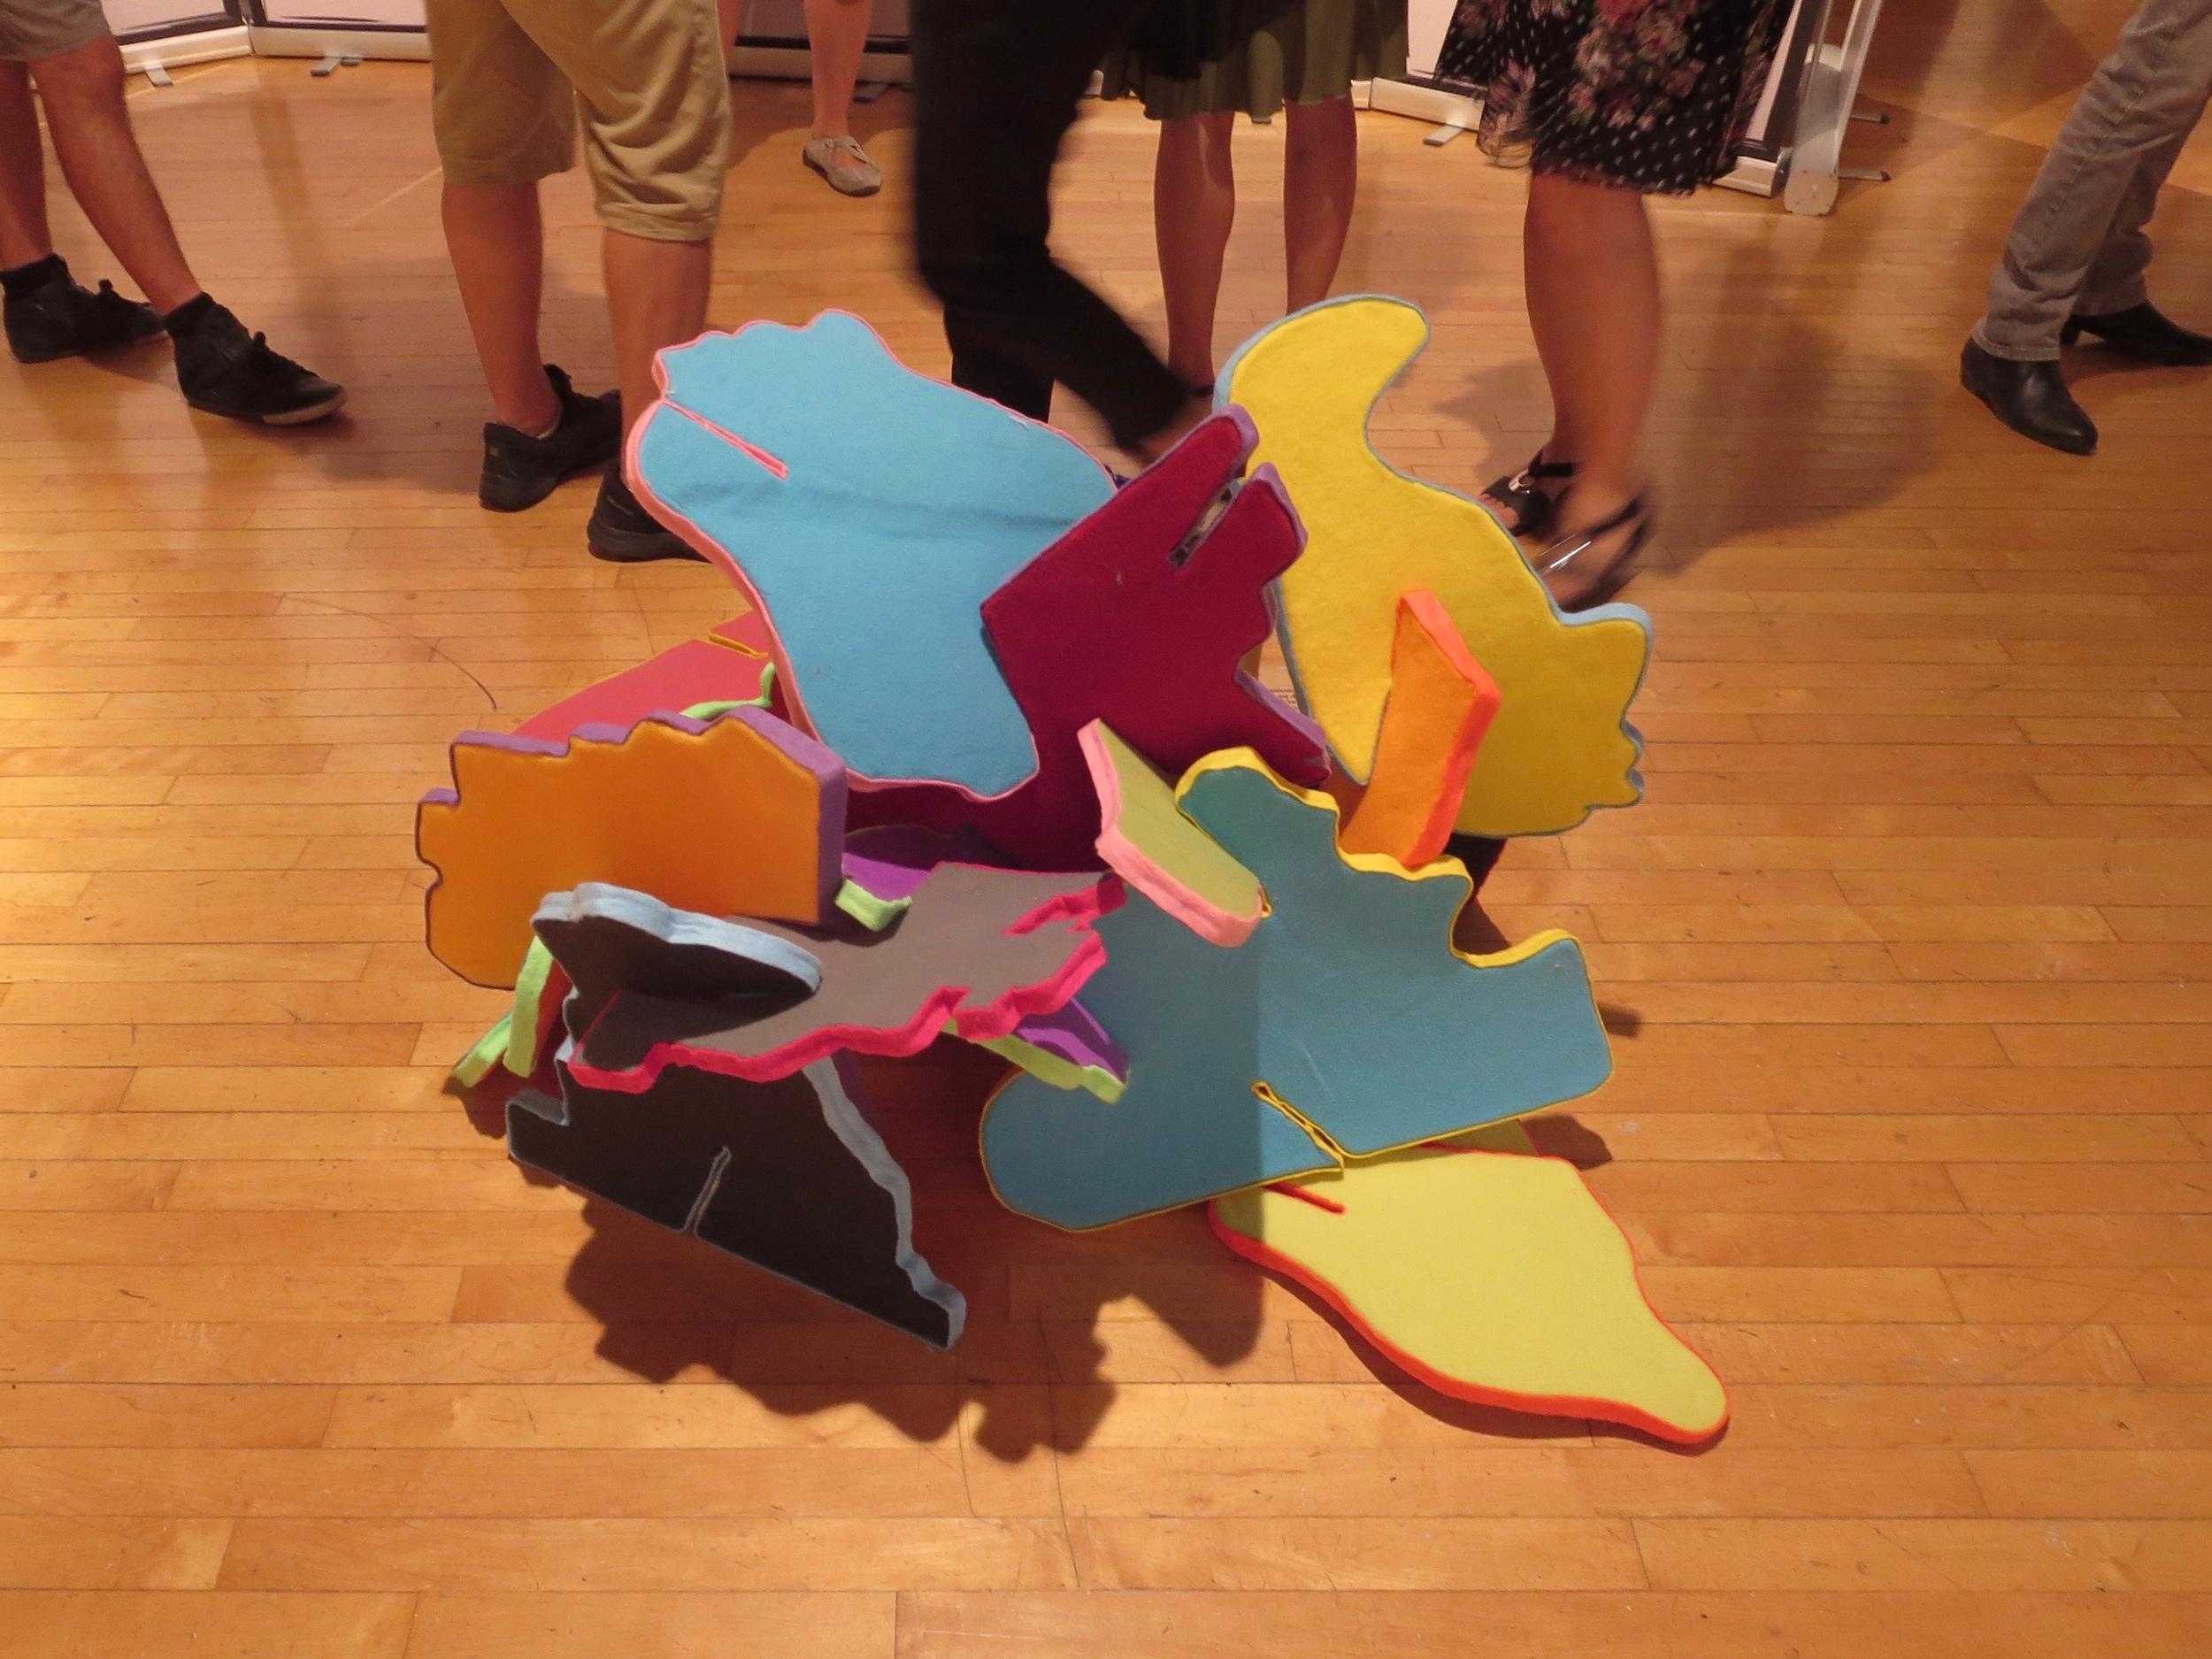 Le puzzle interactif d'Ian Langohr, illustrant l'économie comportementale, en collaboration avec l'économiste Chris Barrington-Leigh.